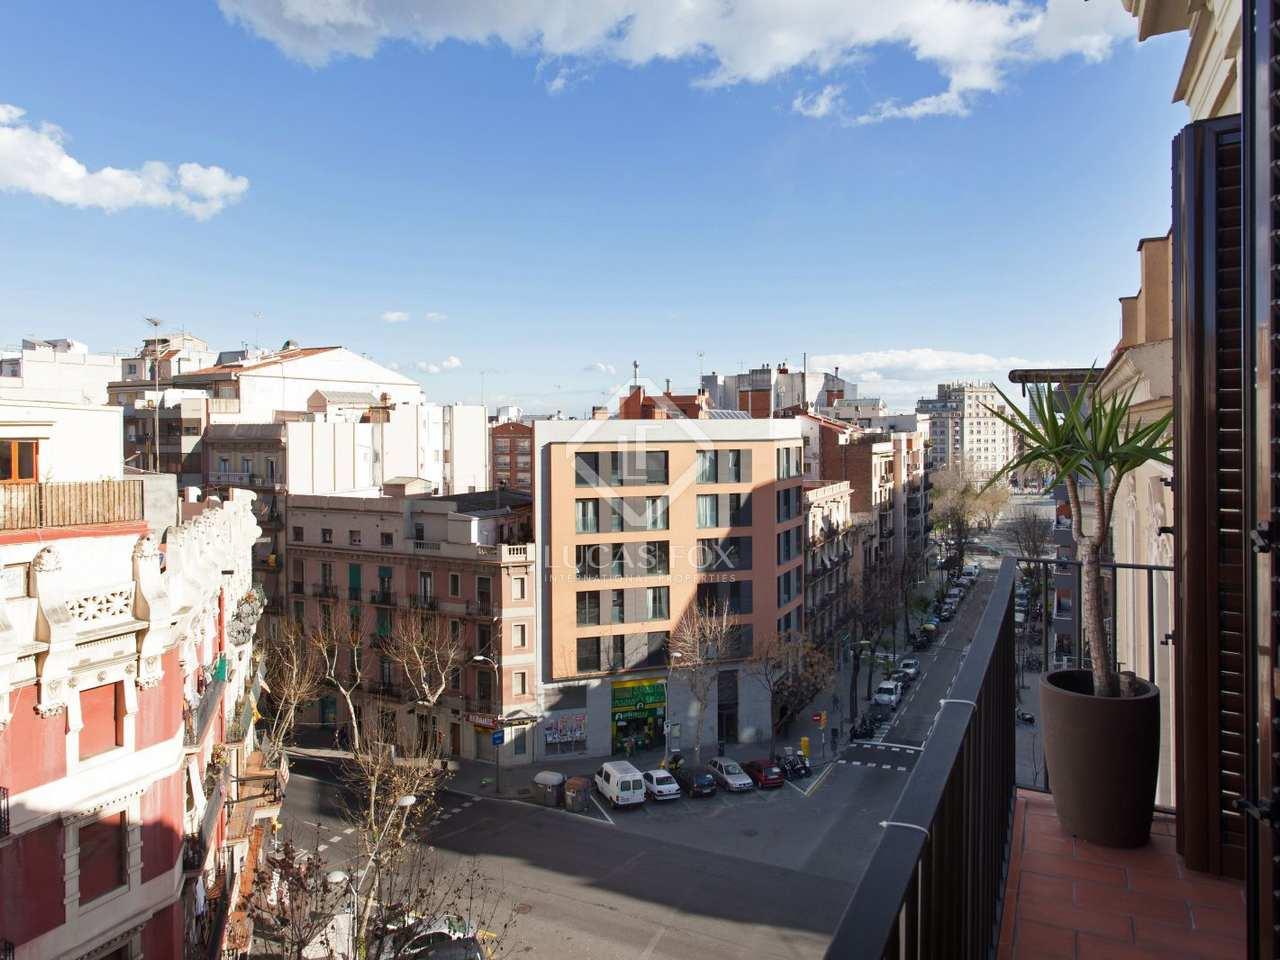 Appartement en vente pr s de la sagrada familia barcelone - Appartement vente barcelone ...